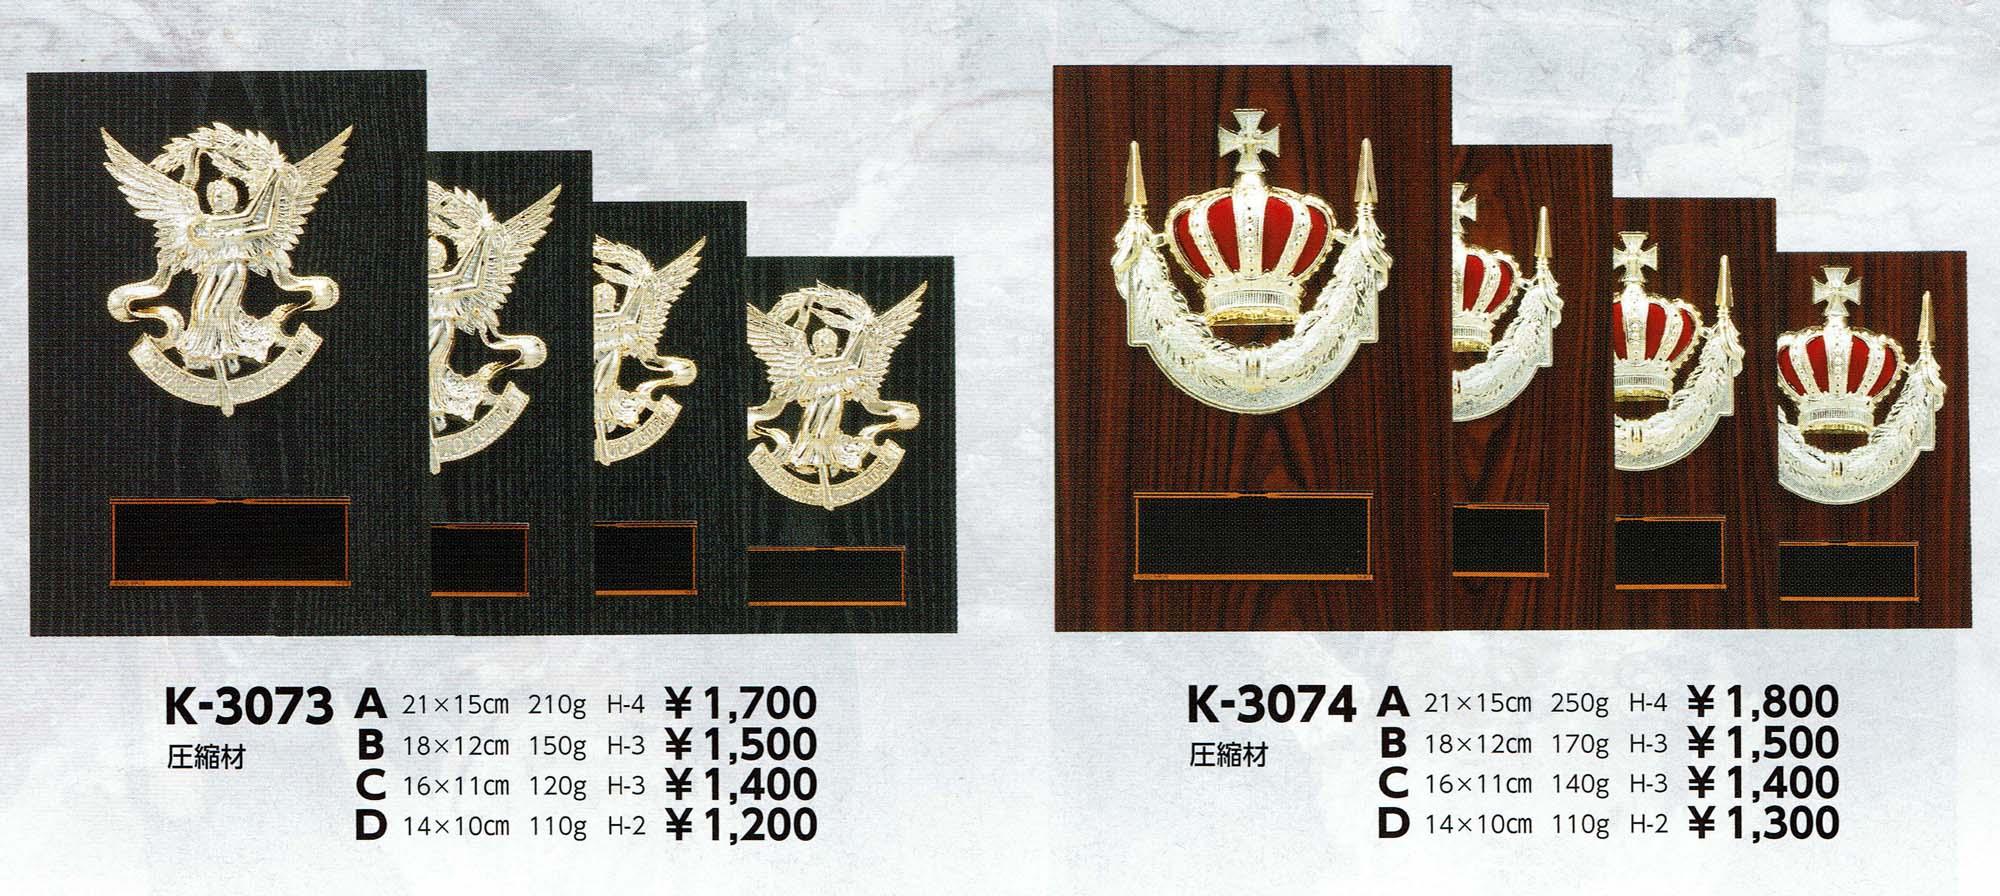 K3073、K3074